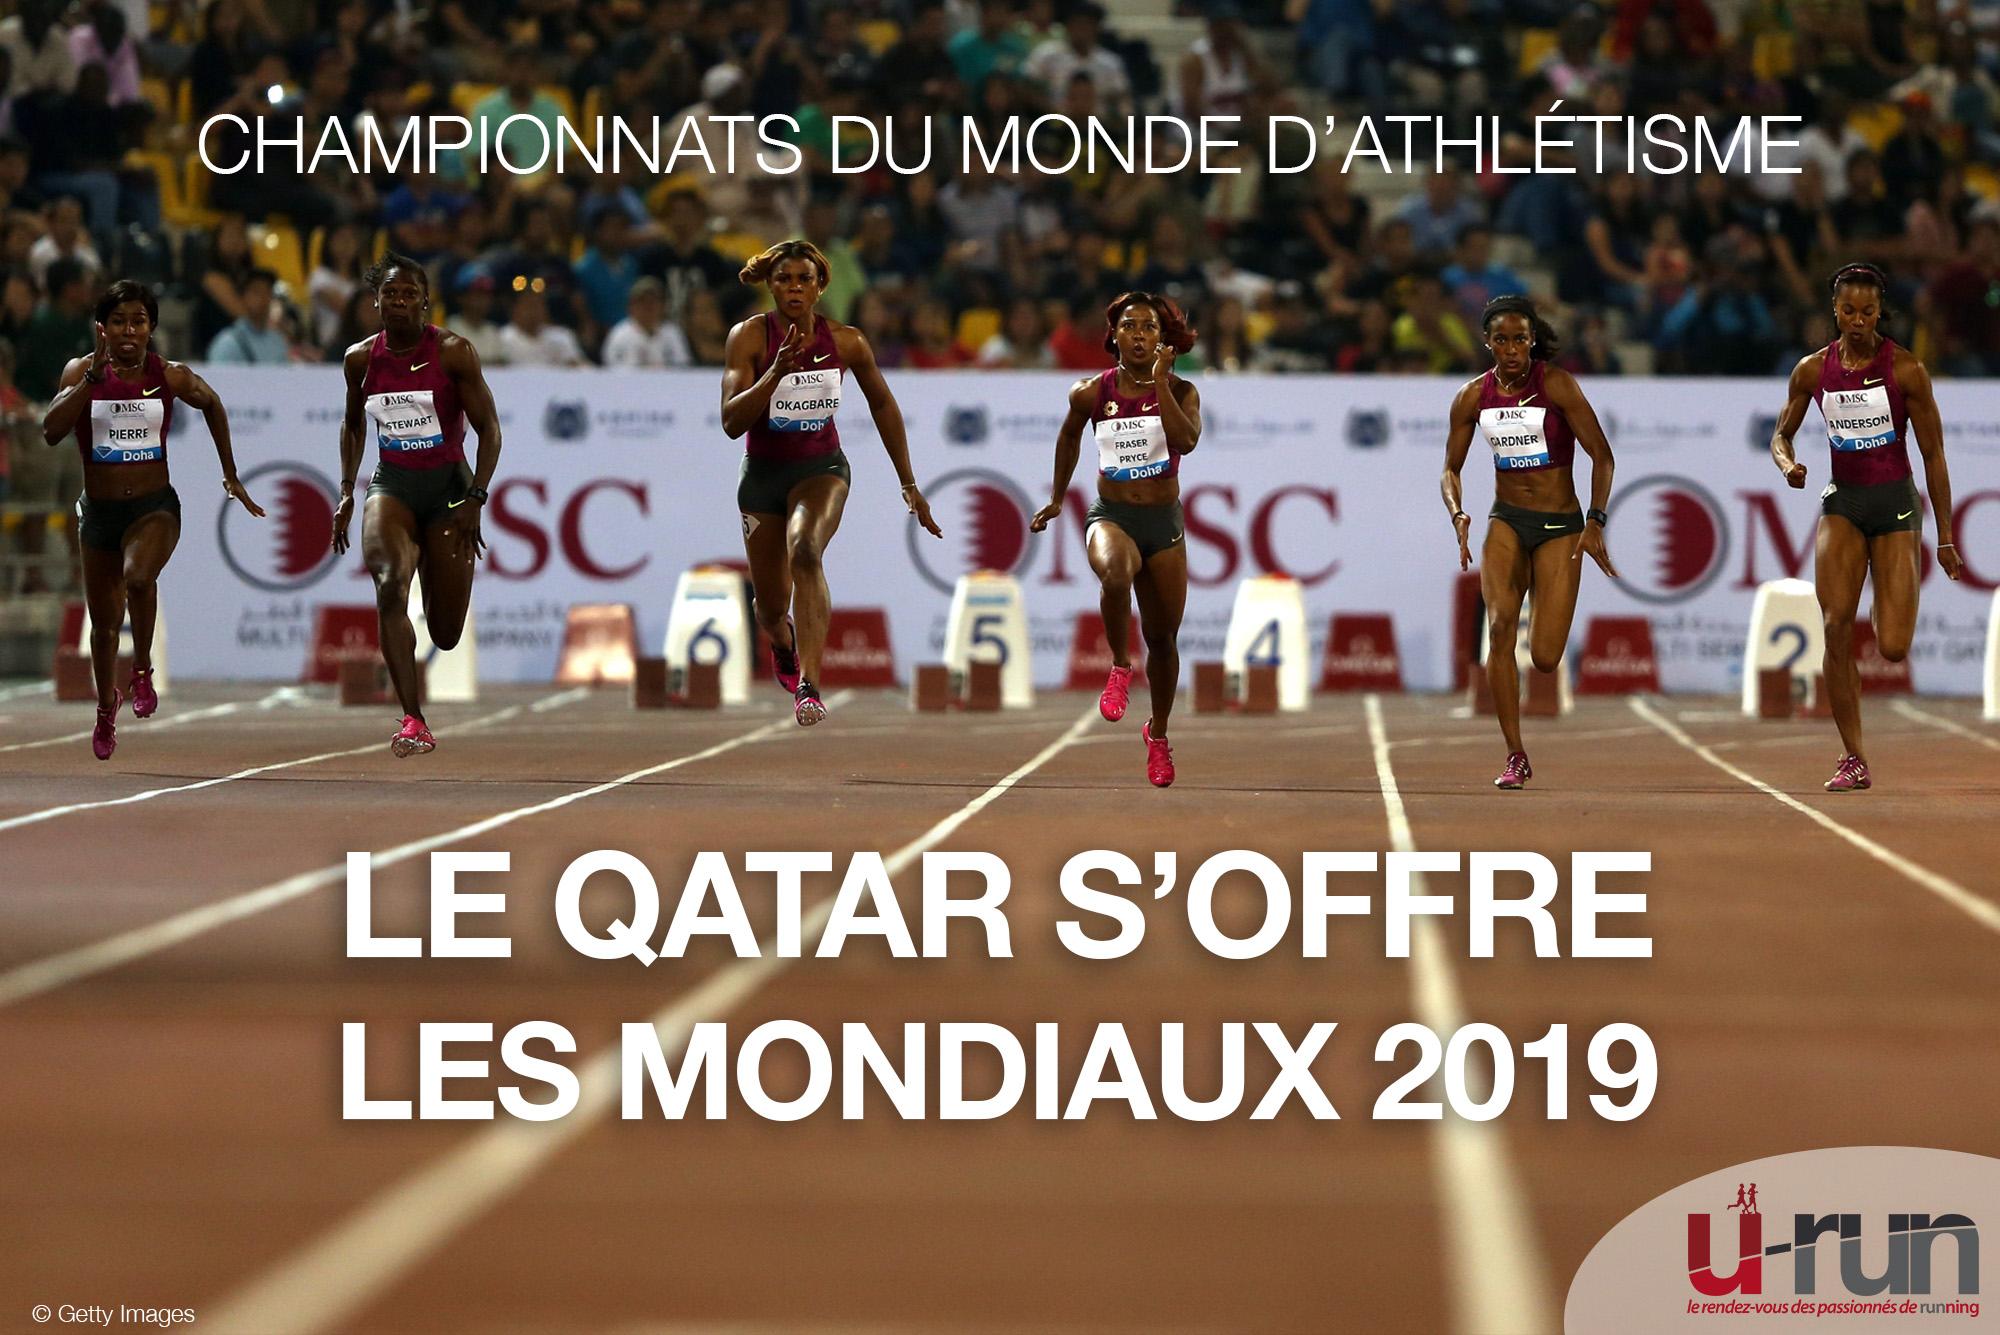 championnat du monde d athlétisme 2019